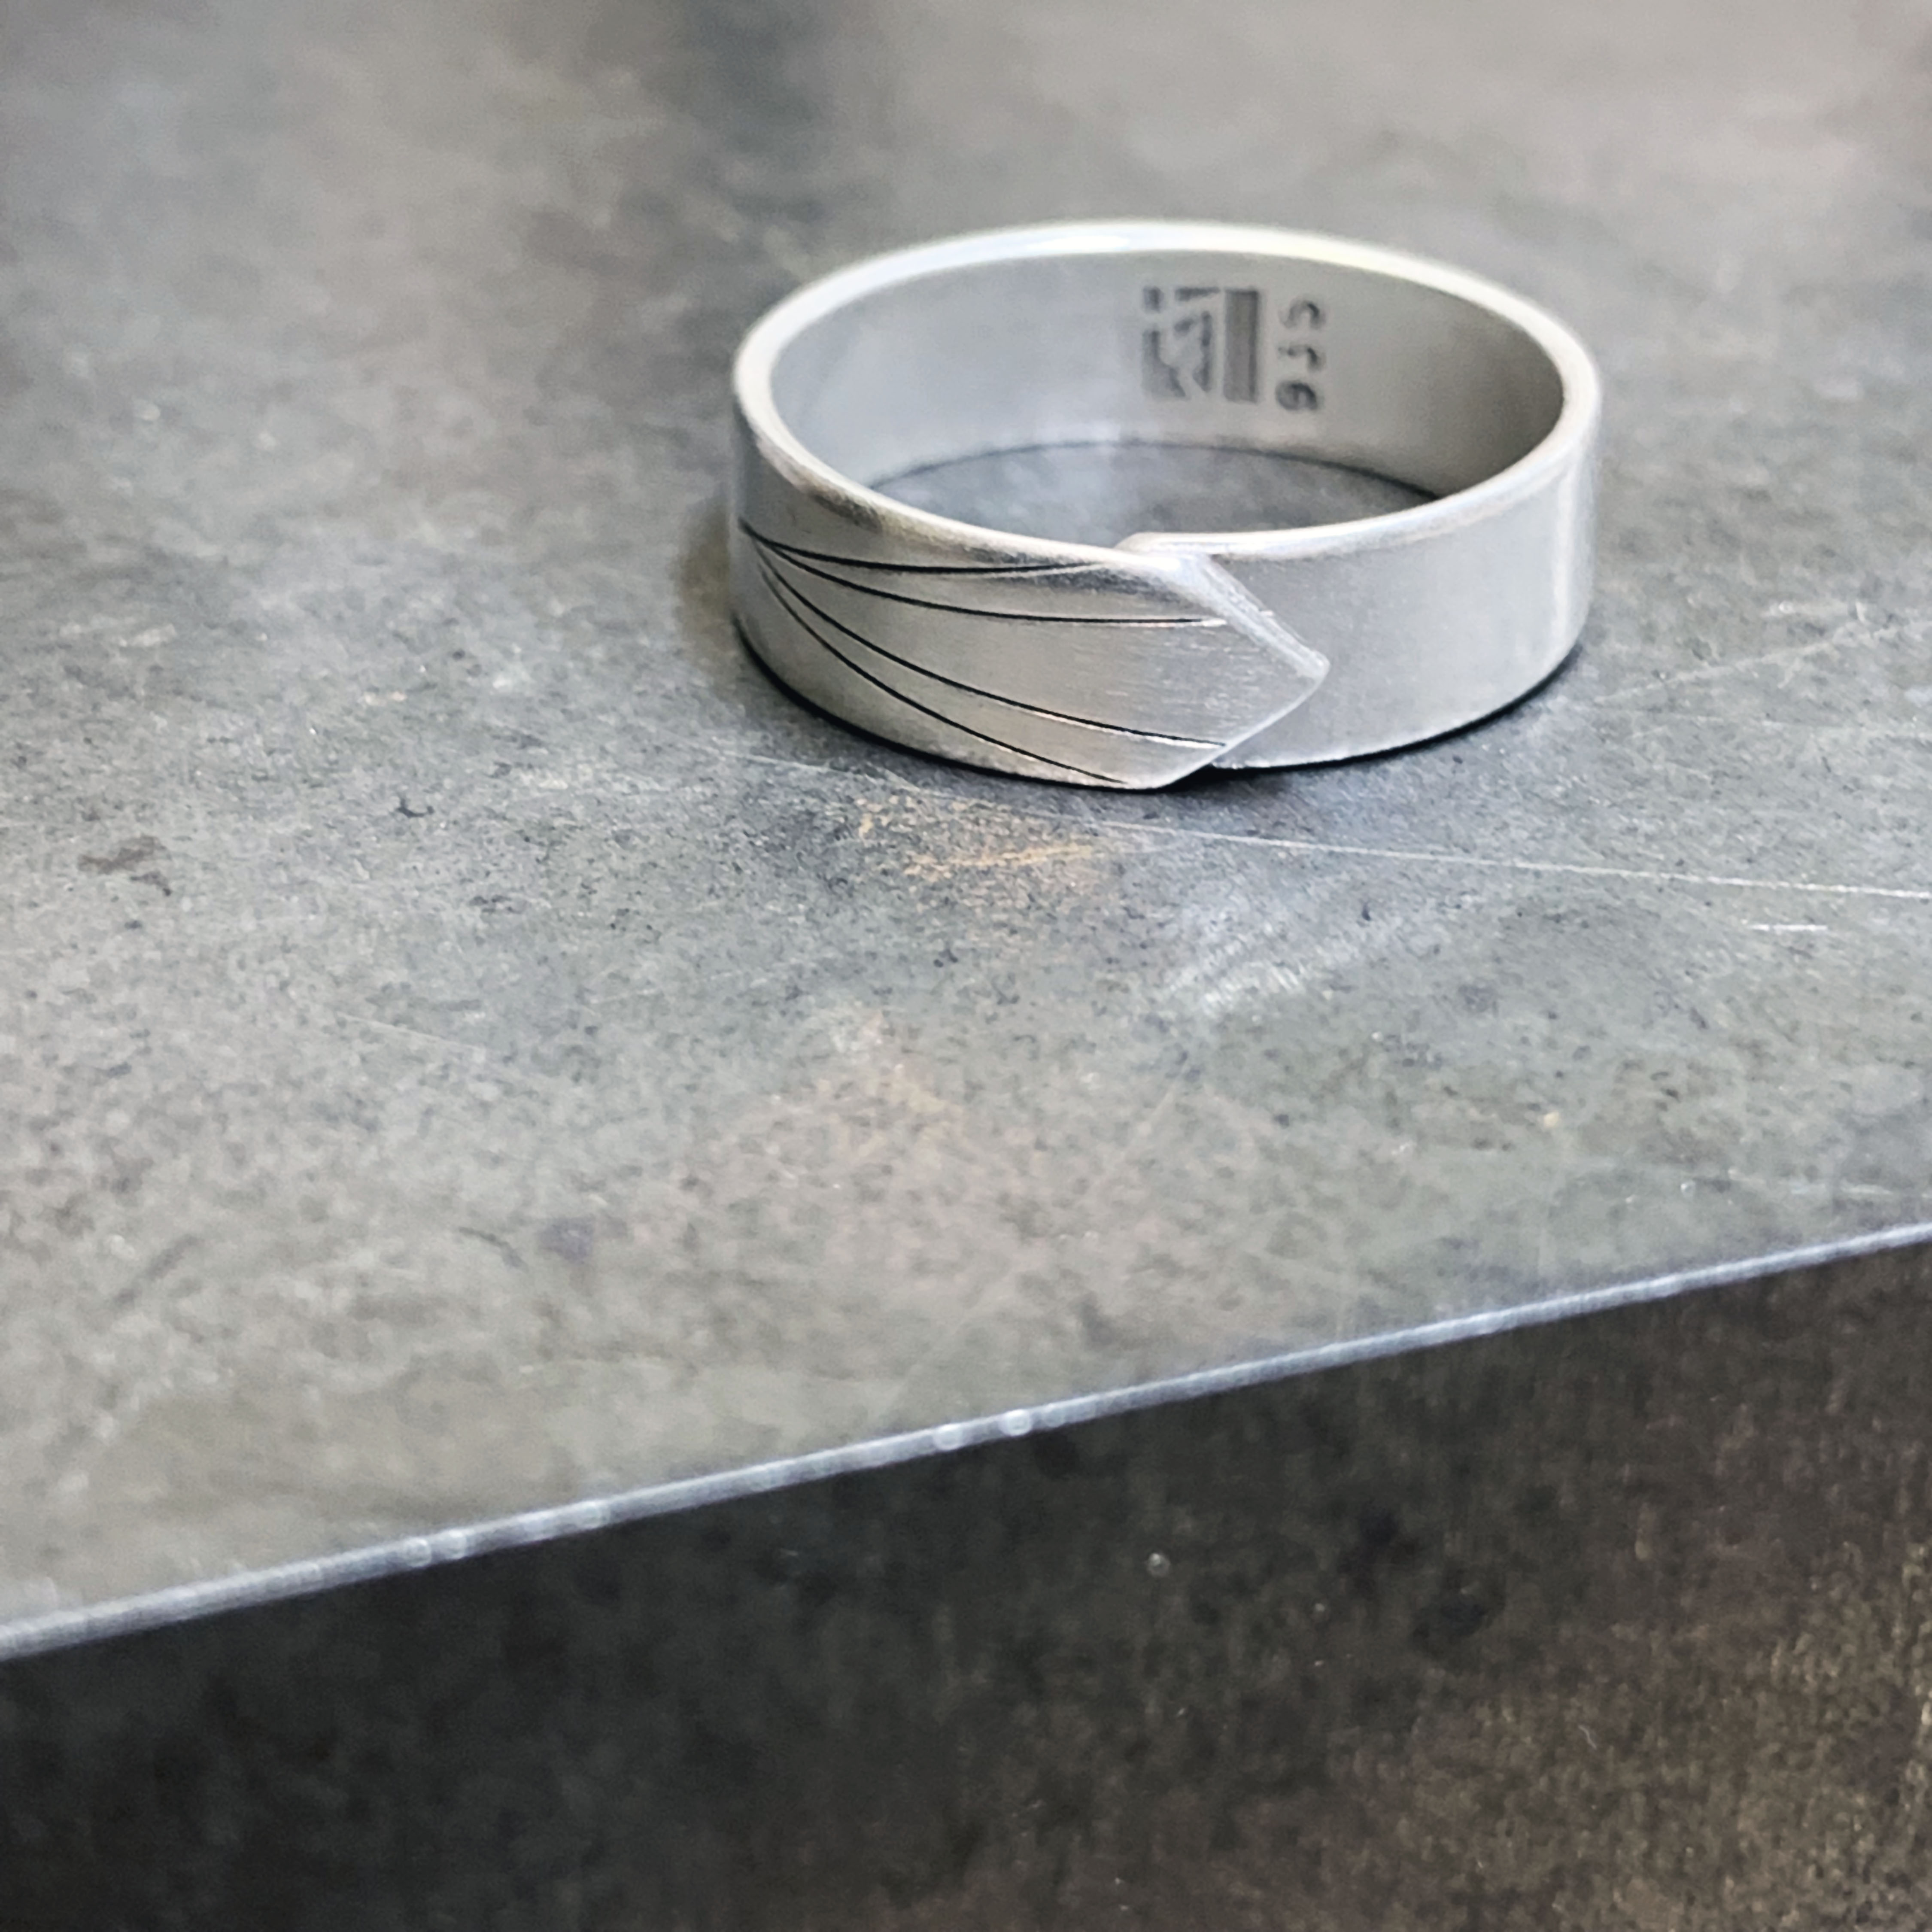 Skinny version New beginning silver ring – Focus